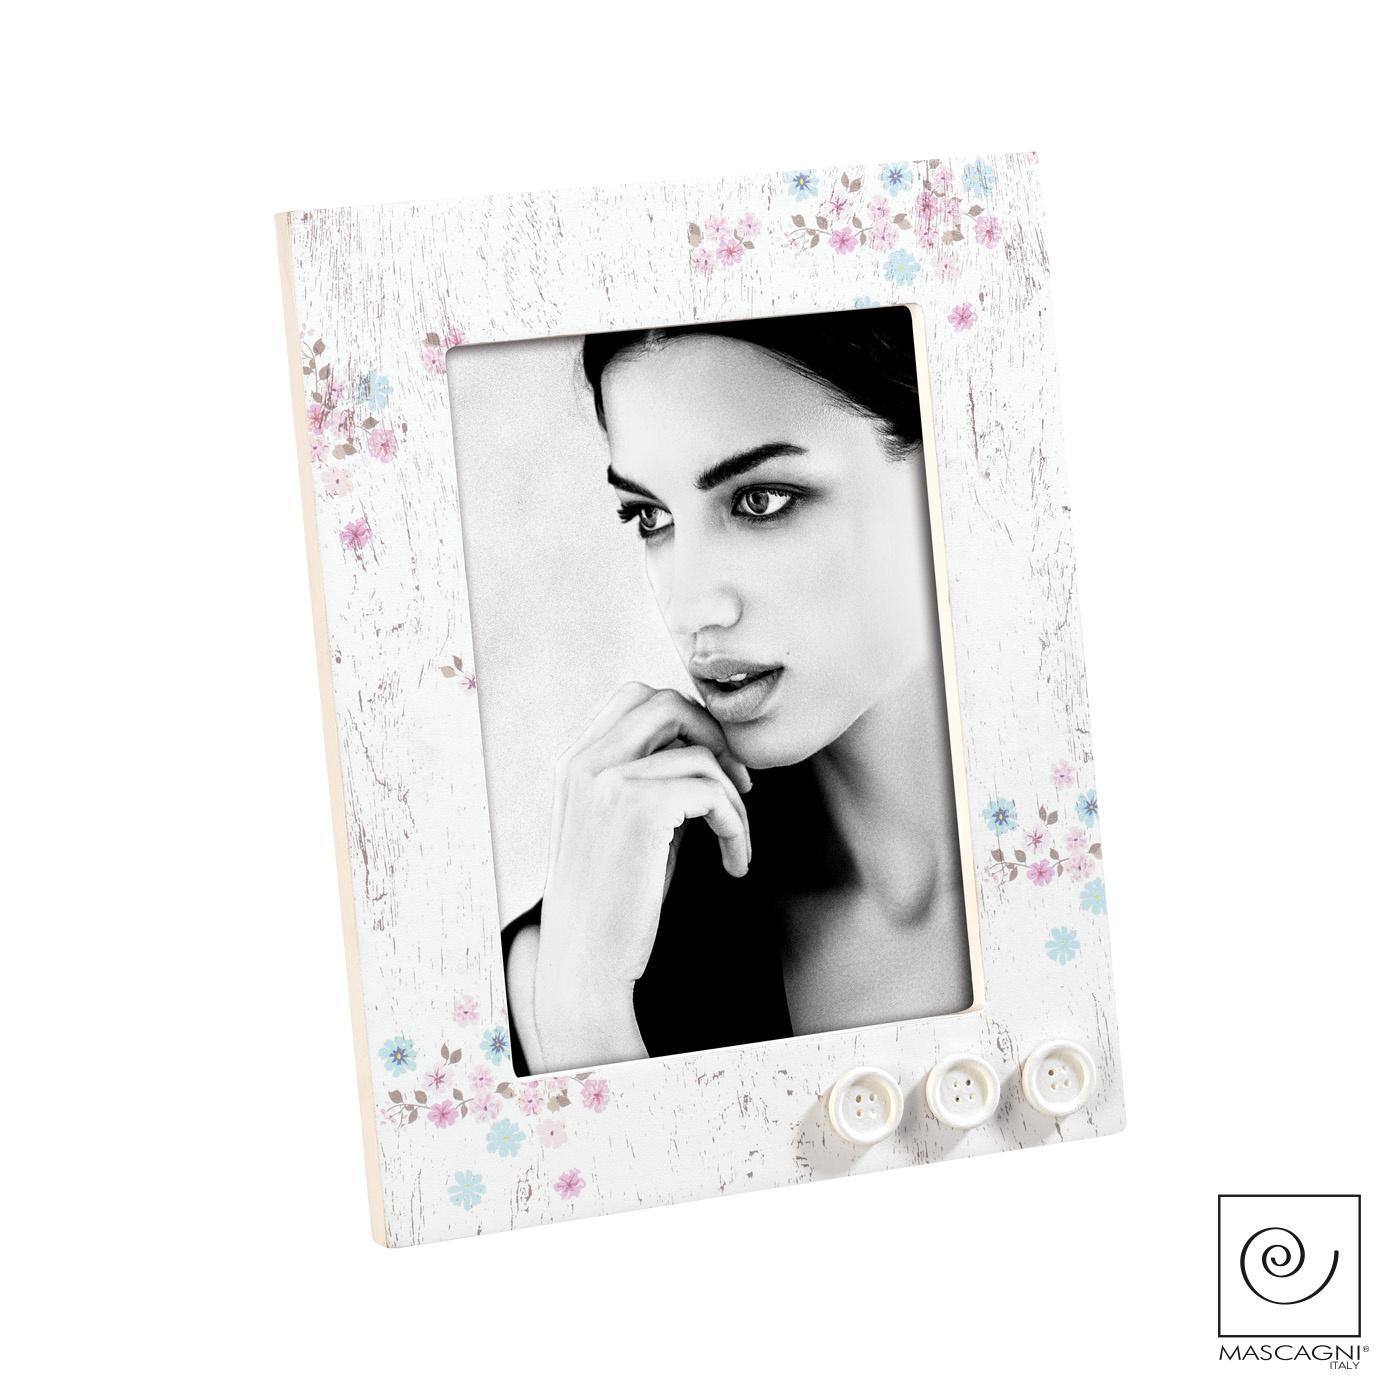 Art Mascagni A948 PHOTO FRAME 13X18 - COL.WHITE